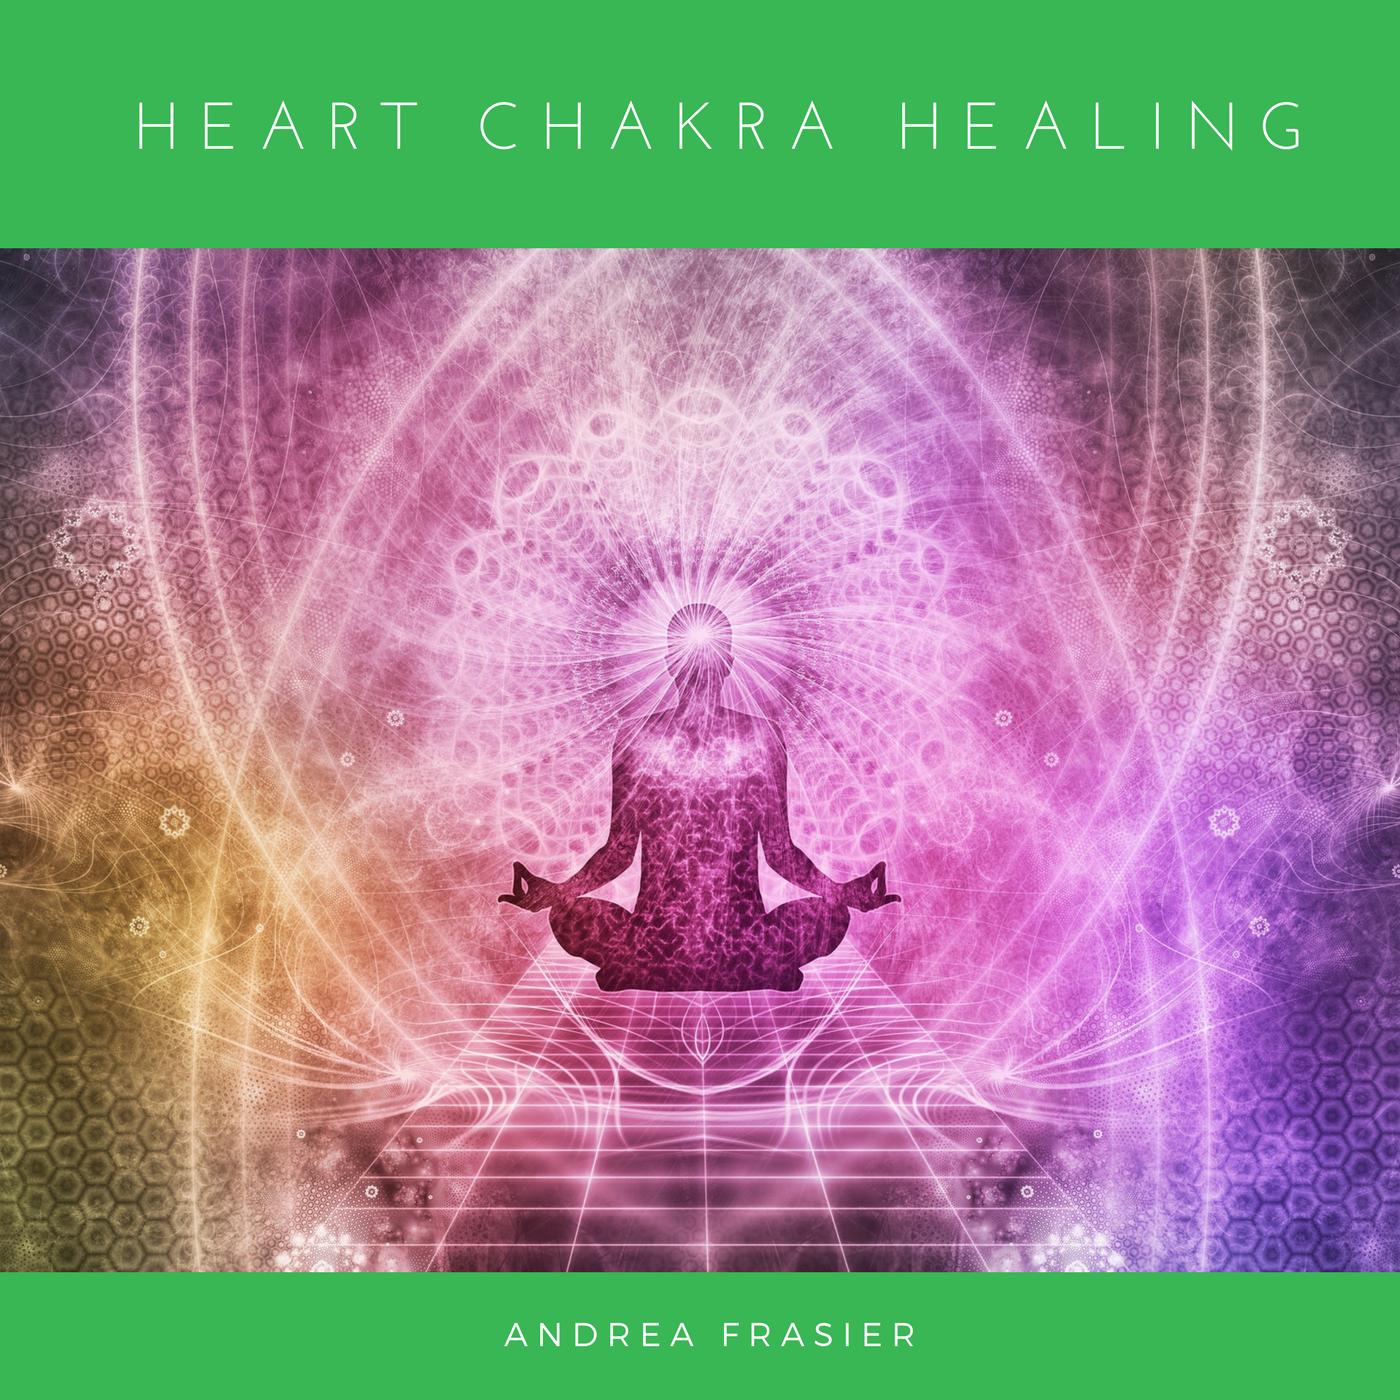 Heart Chakra Healing Guide